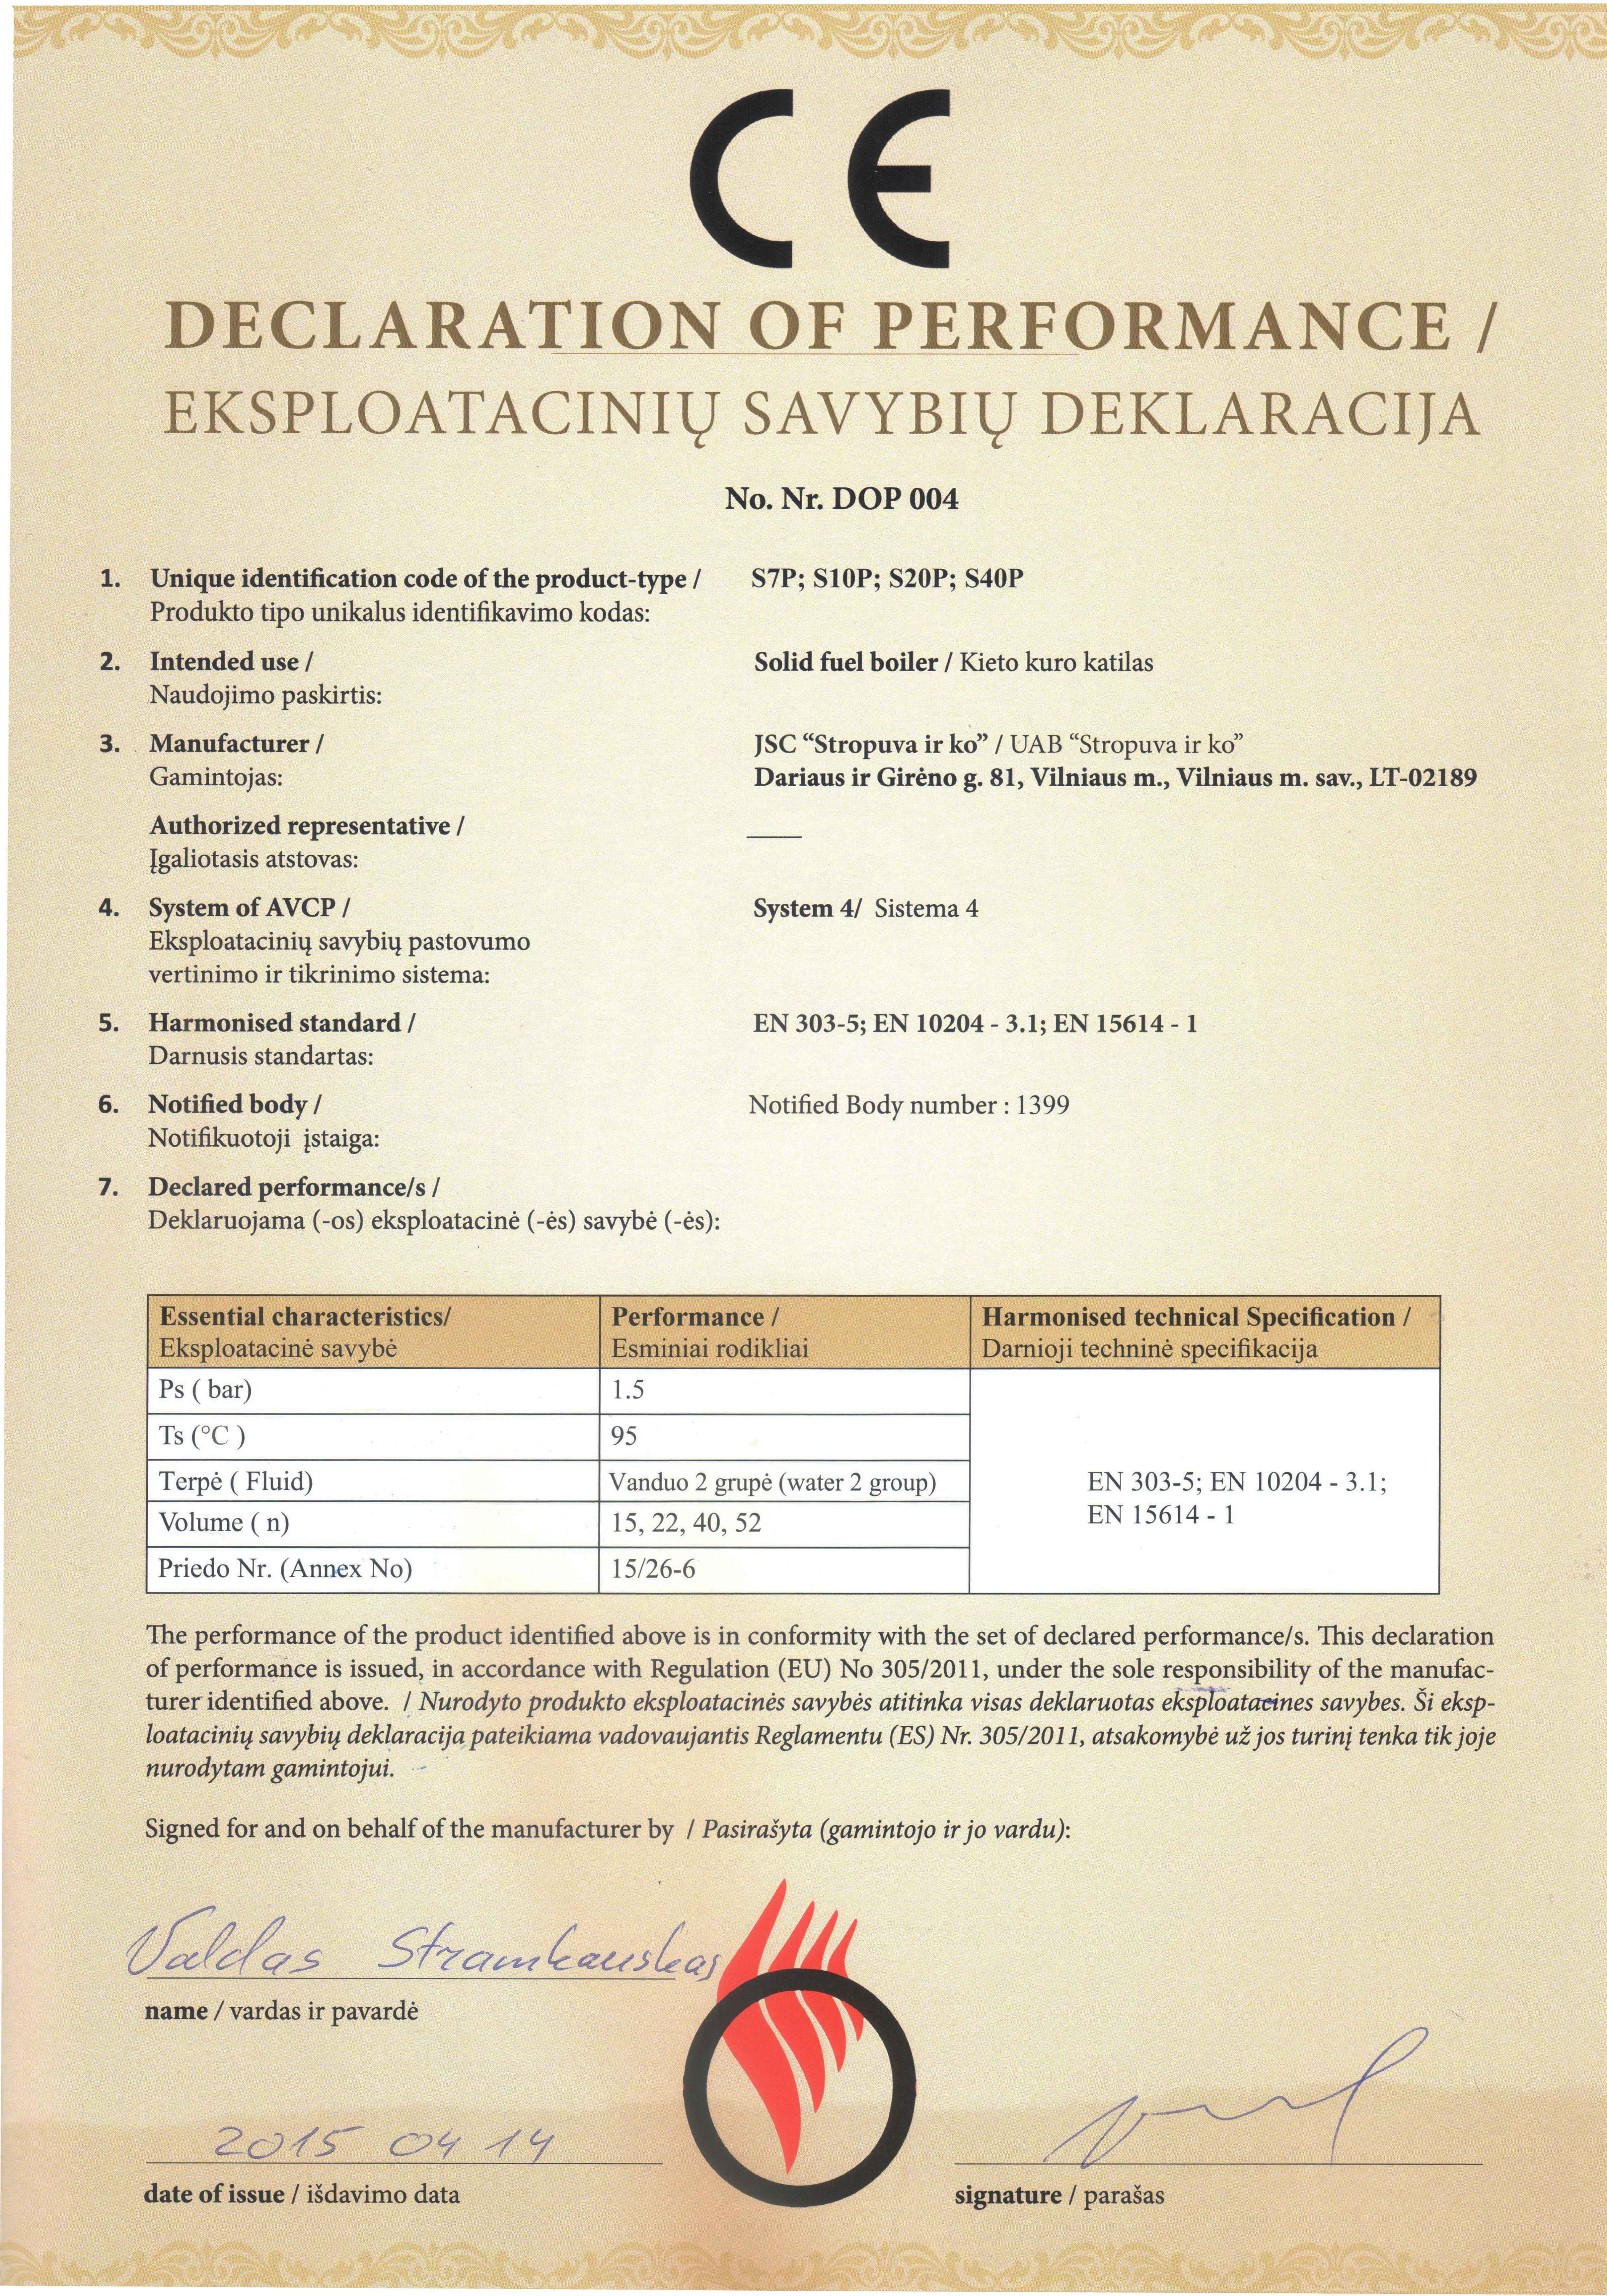 Eksplotaciniu savybiu deklaracija granuliniai katilai1